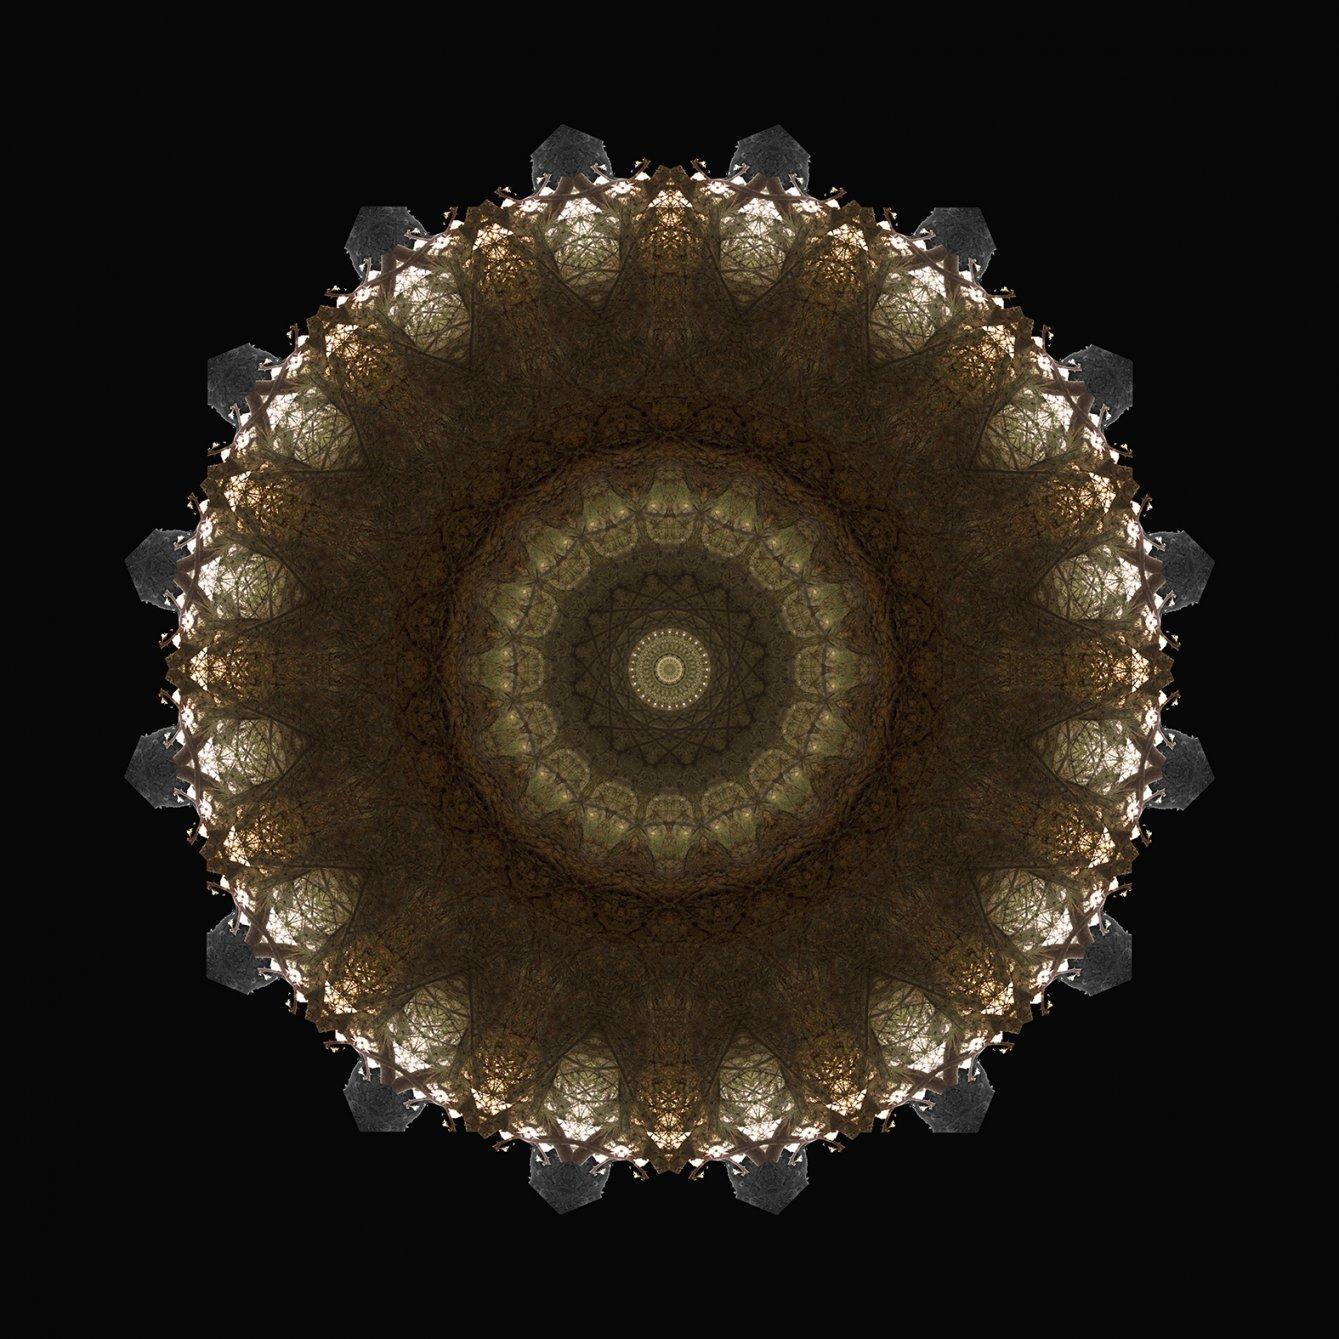 Mandala 9 (2008) - Mariano Miguel Alvarado Cabral - Mariano Alvarado